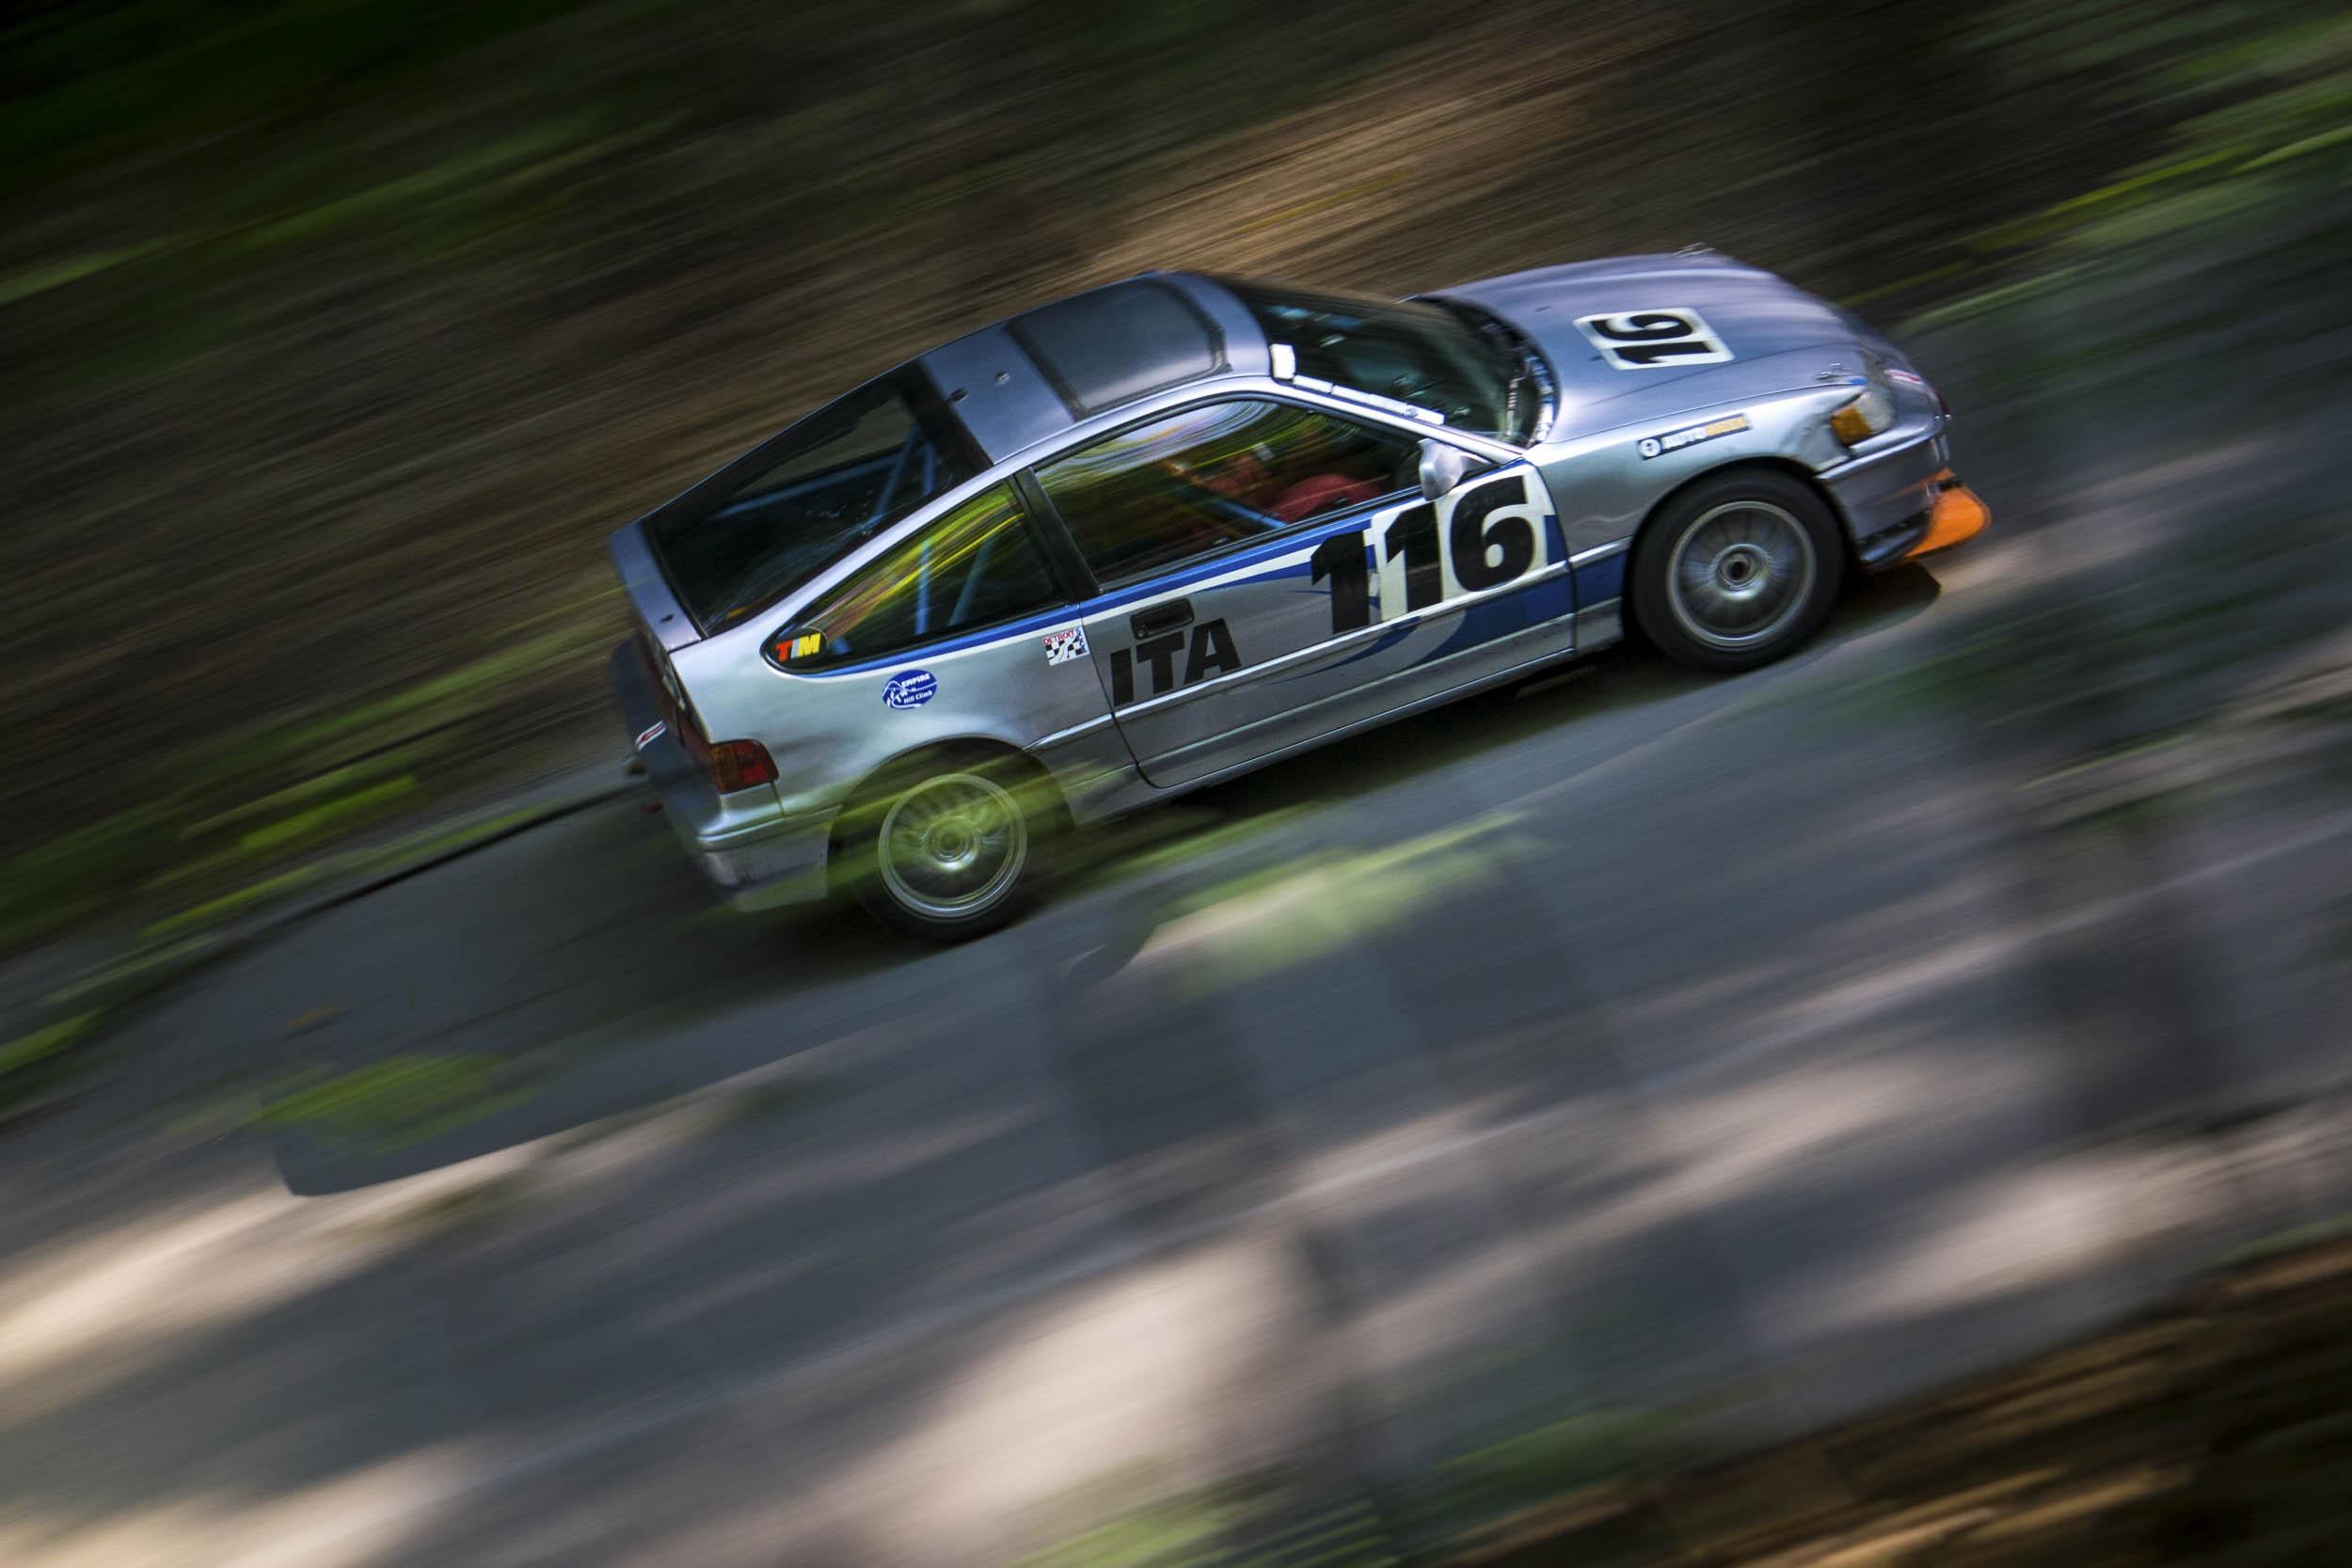 Honda CRX motion side